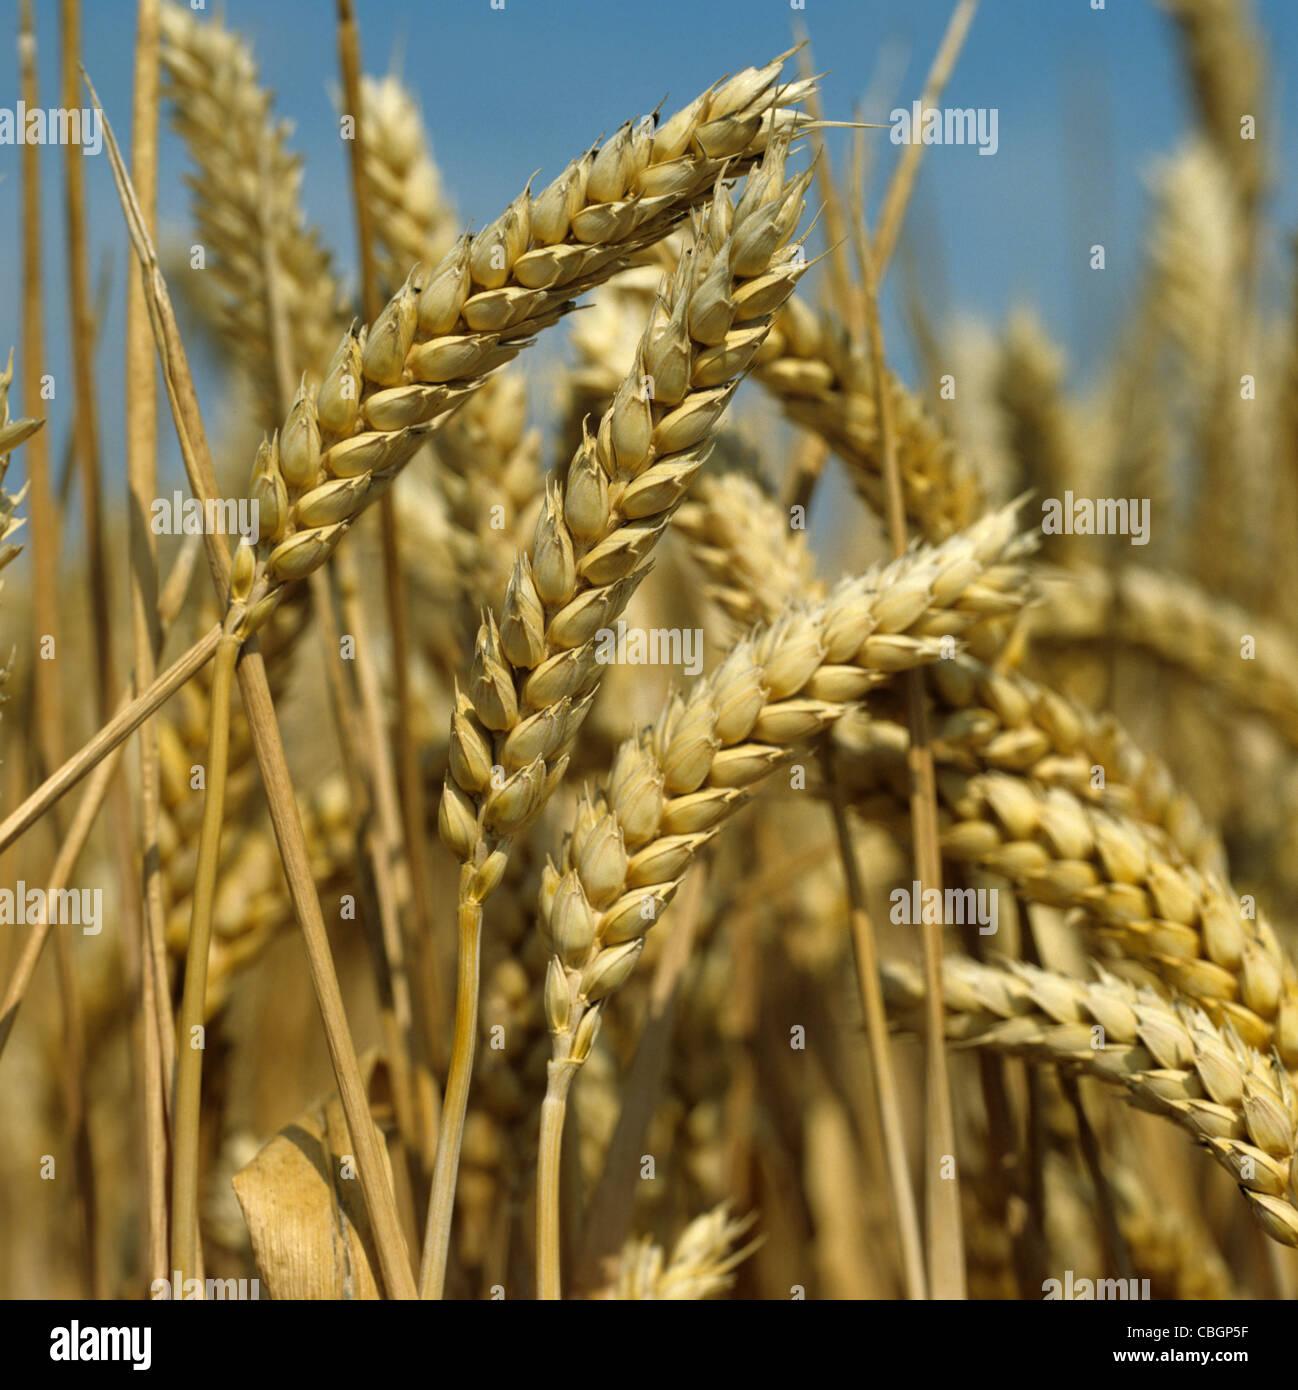 Épis de blé mûrs contre un ciel d'été bleu Photo Stock